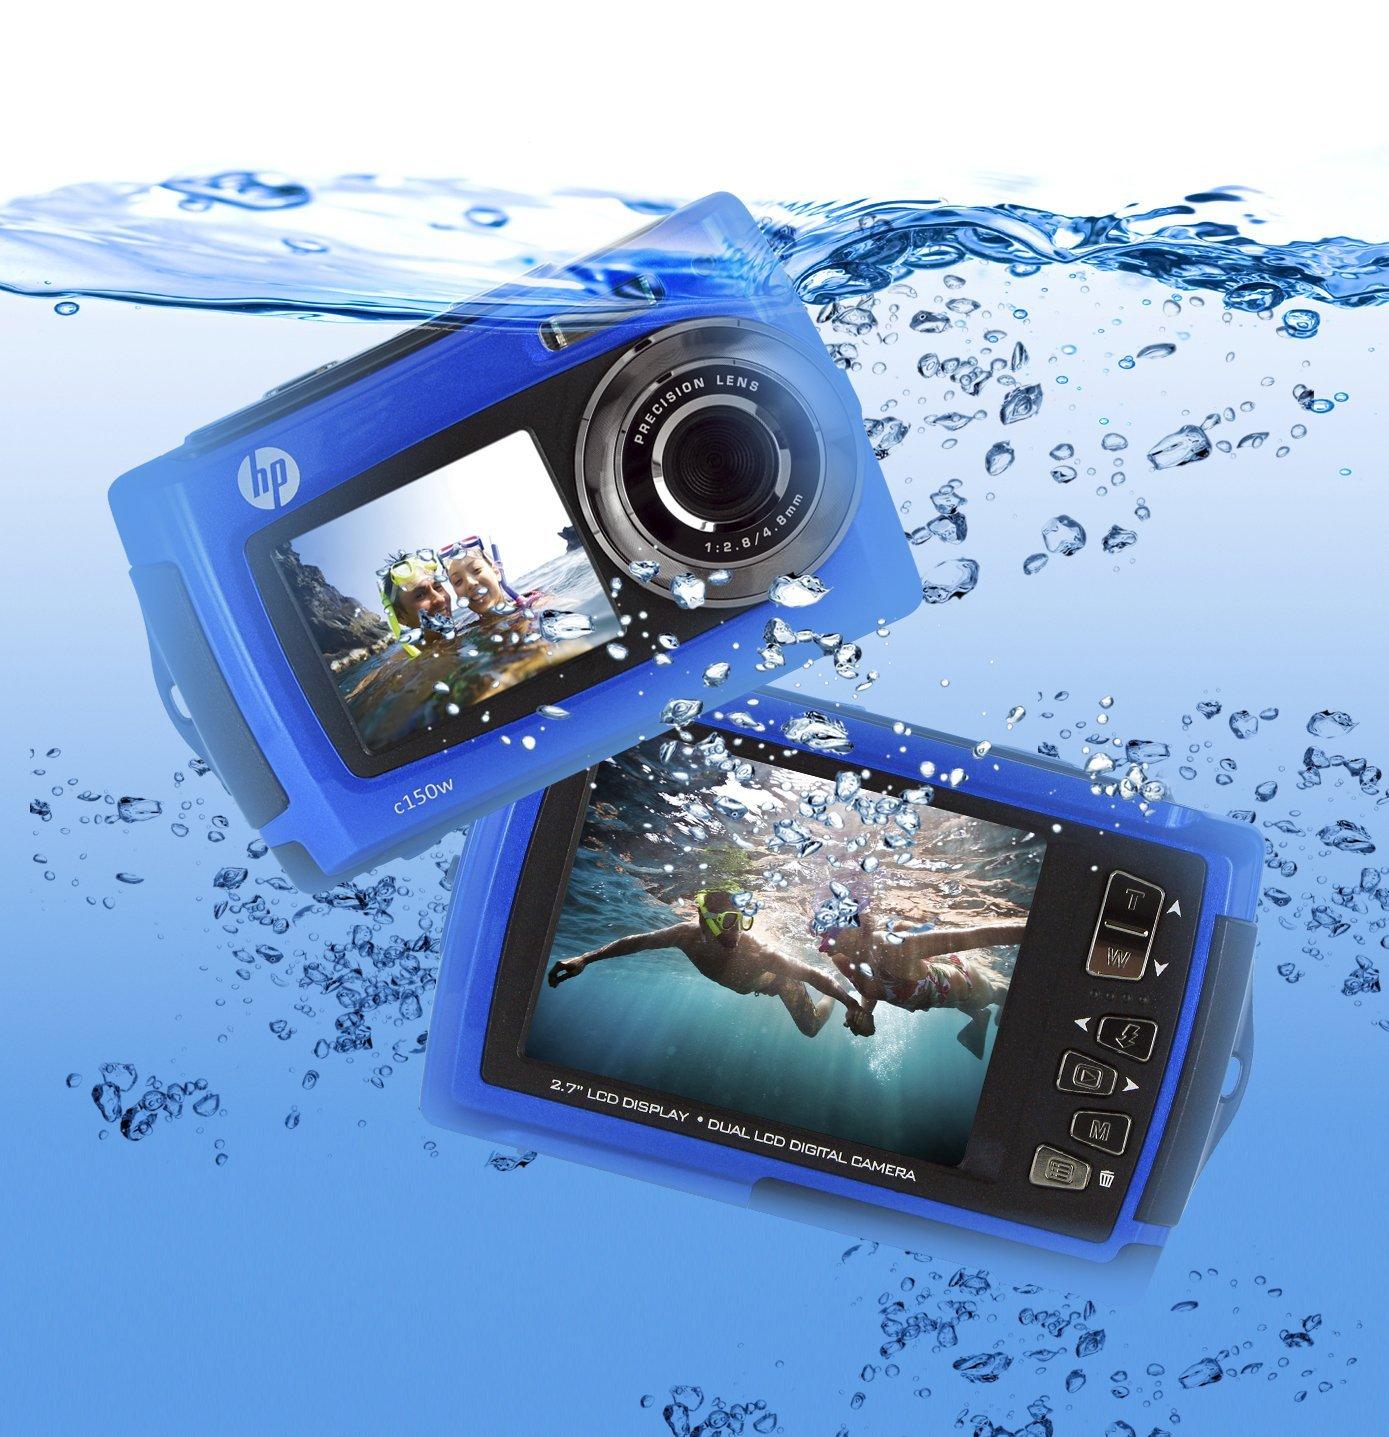 фотоаппарат для съемок под водой странице